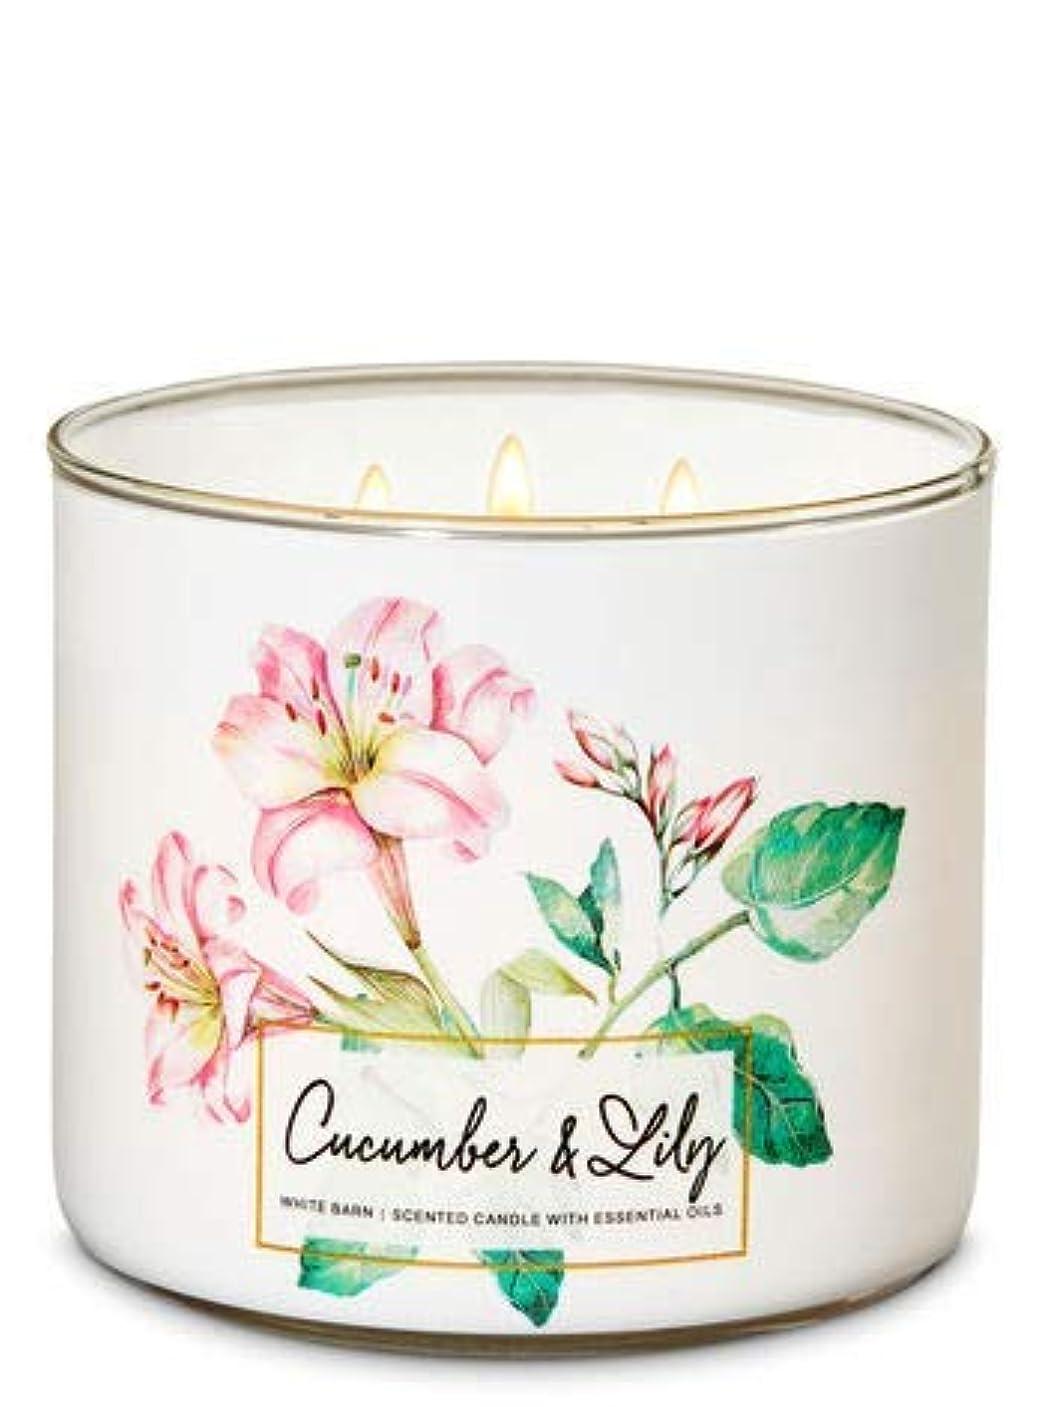 不確実ロデオひどい【Bath&Body Works/バス&ボディワークス】 アロマキャンドル キューカンバー&リリー 3-Wick Scented Candle Cucumber & Lily 14.5oz/411g [並行輸入品]